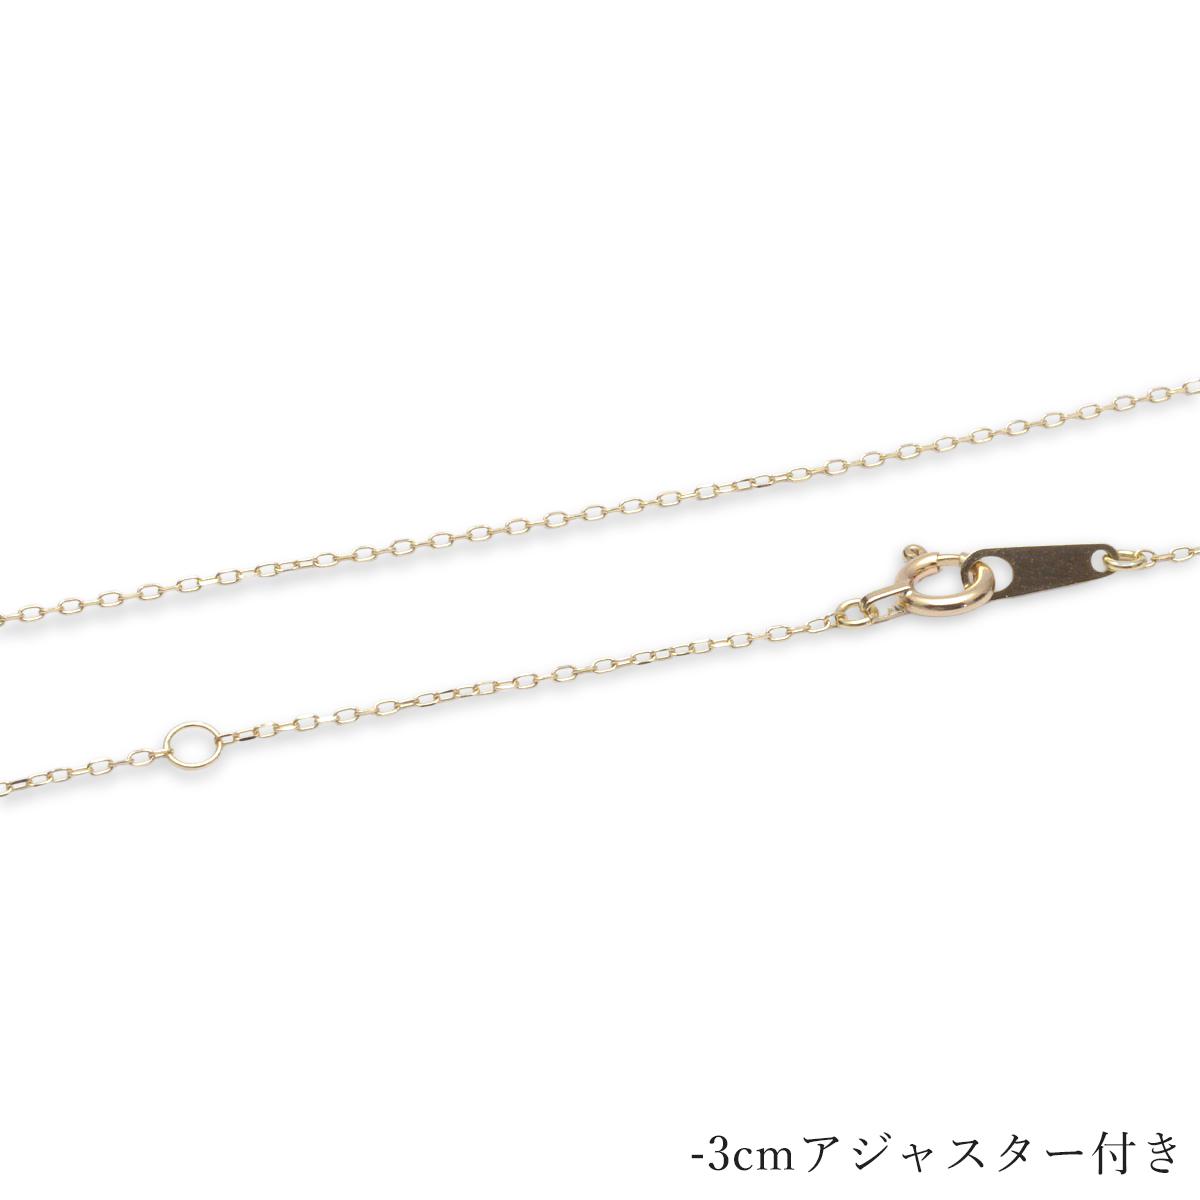 ゴールドネックレス ハワイアンジュエリー K18 18金 k18 ペンダントネックレス エリプス(Ellipse)縦型type 華奢 イエローゴールド /新作 ane1670k18